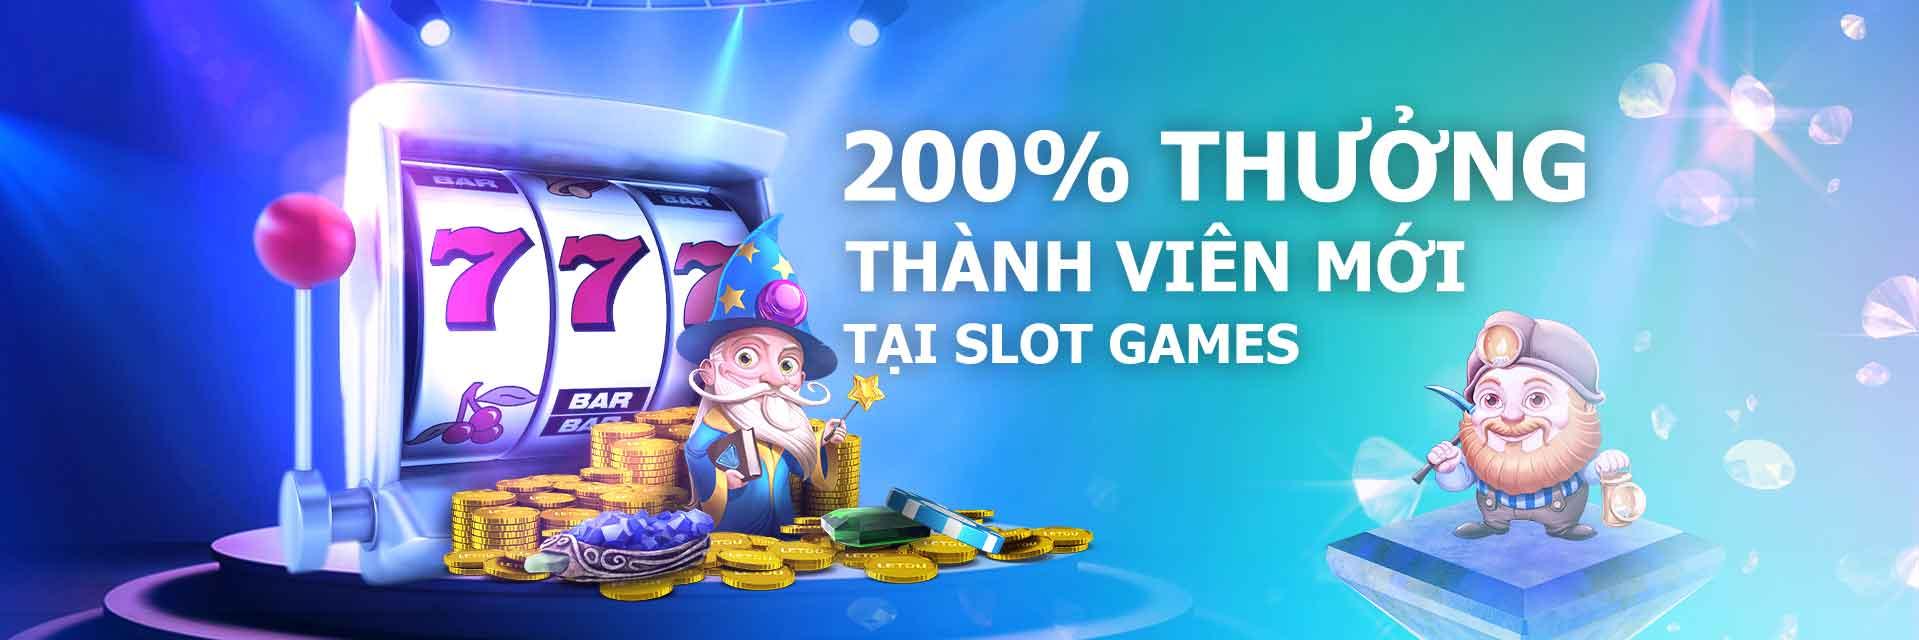 200% THƯỞNG CHÀO MỪNG TẠI SLOT GAMES